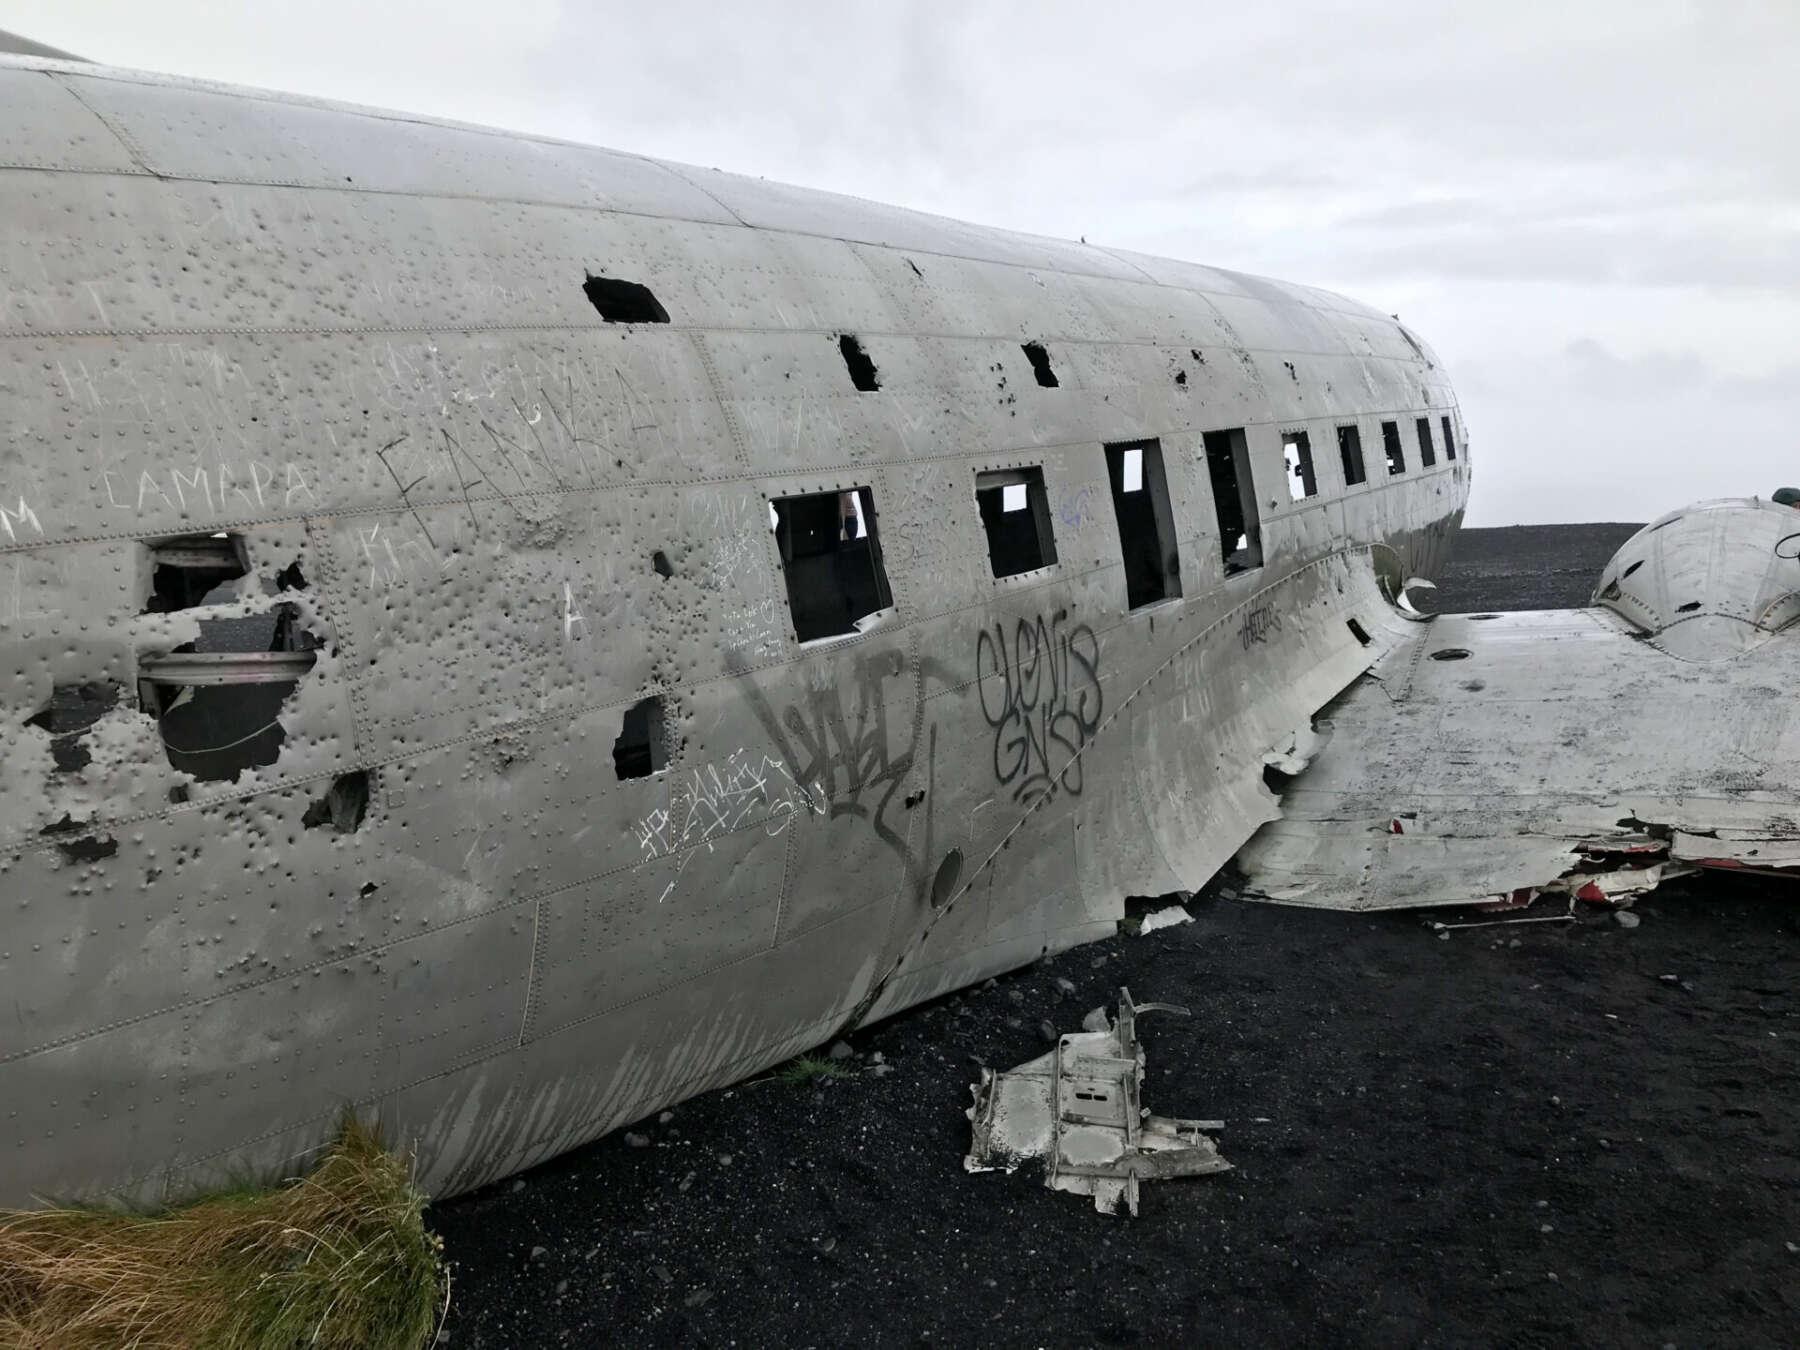 ซากเครื่องบินในไอซ์แลนด์ (The plane wreck in Iceland)